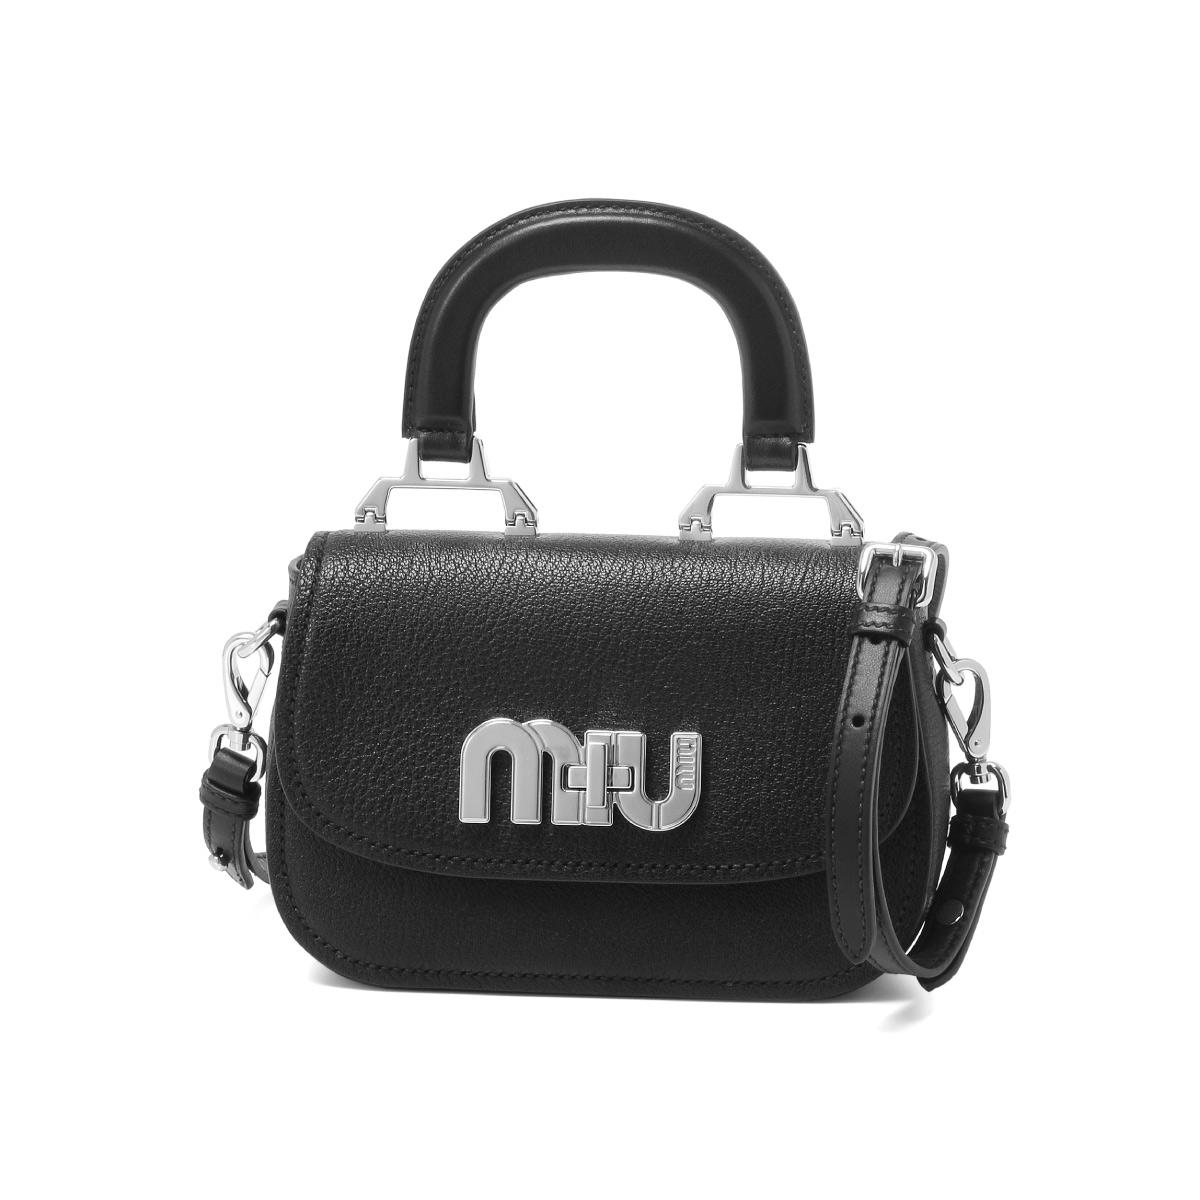 ミュウ ミュウ MIU MIU バッグ レディース 5BD085 2AJB F0002 ショルダー付 ハンドバッグ NERO ブラック